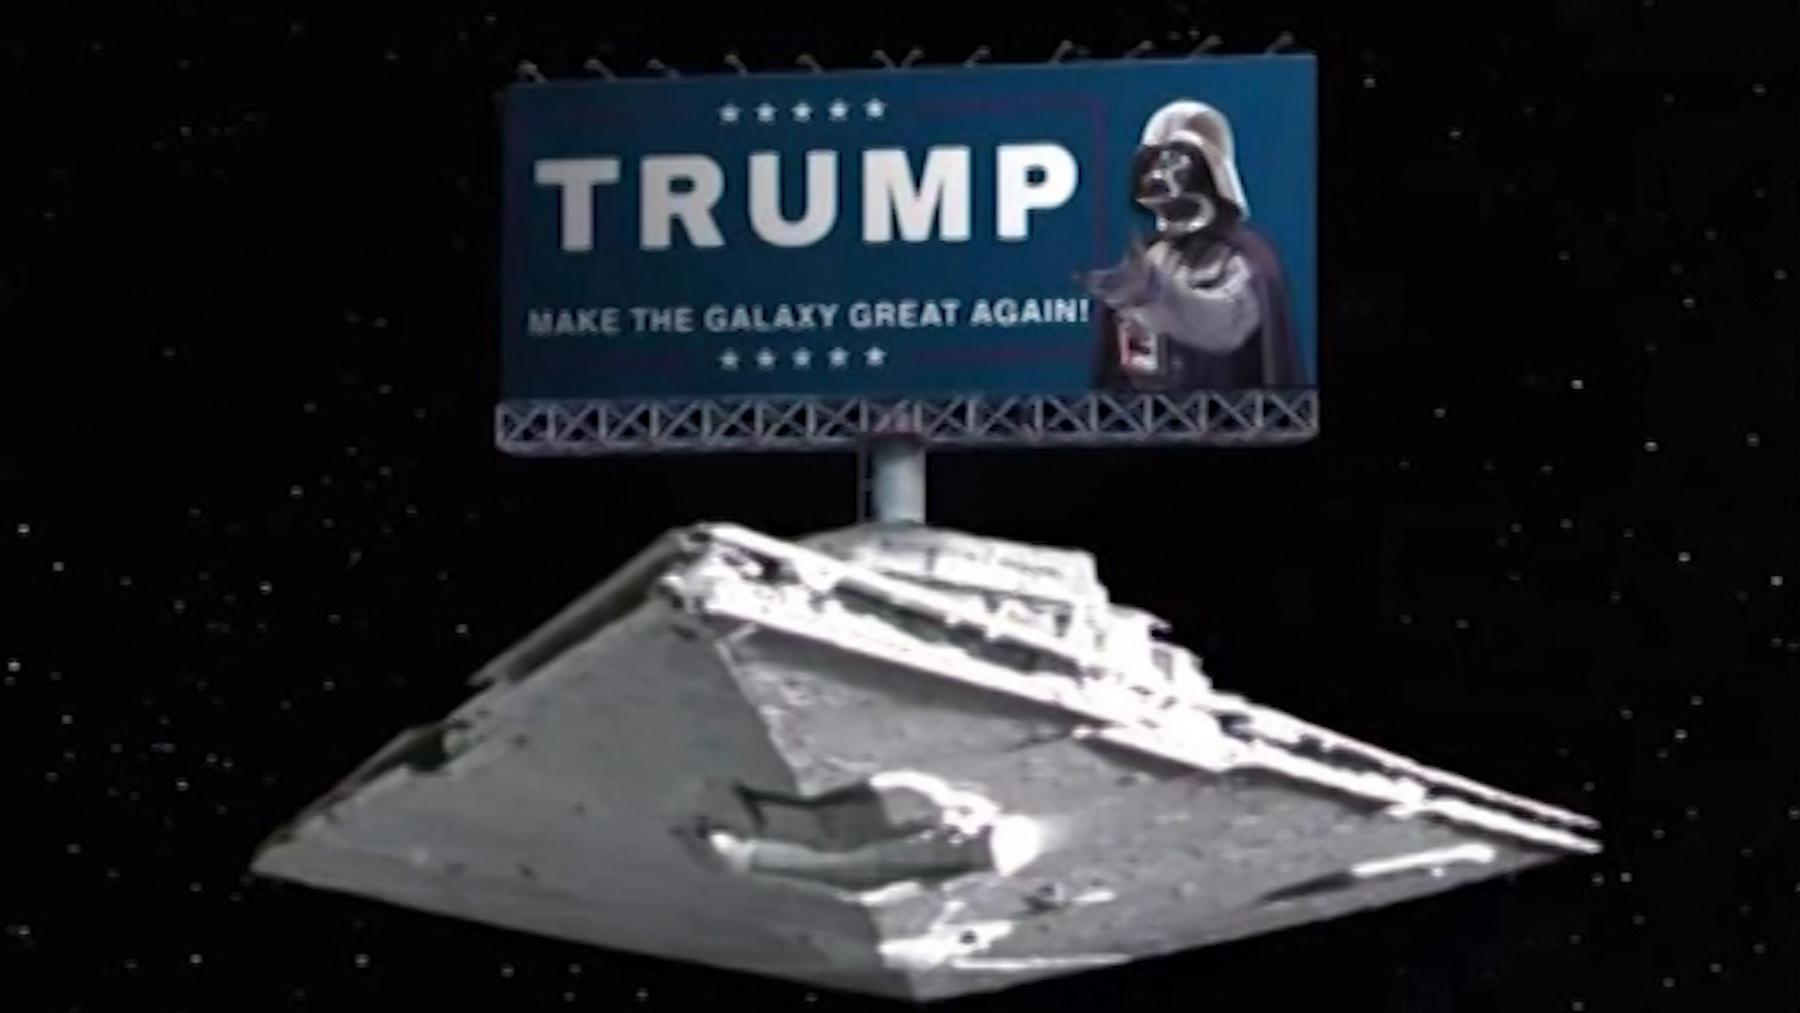 180618195201-trump-space-force-moos.jpg.1dbb5834b654671f927592da2a75e935.jpg